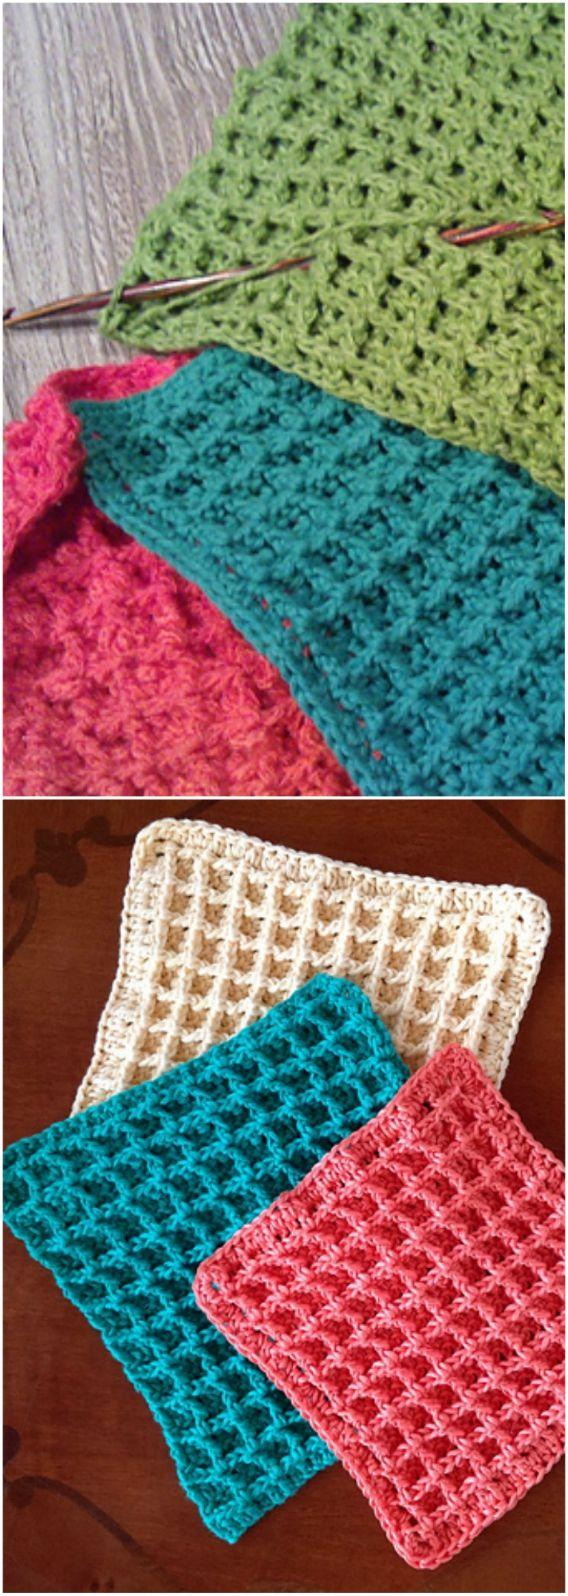 Crochet Scrubbies Patterns Pinterest Top Pins | Crochet ...